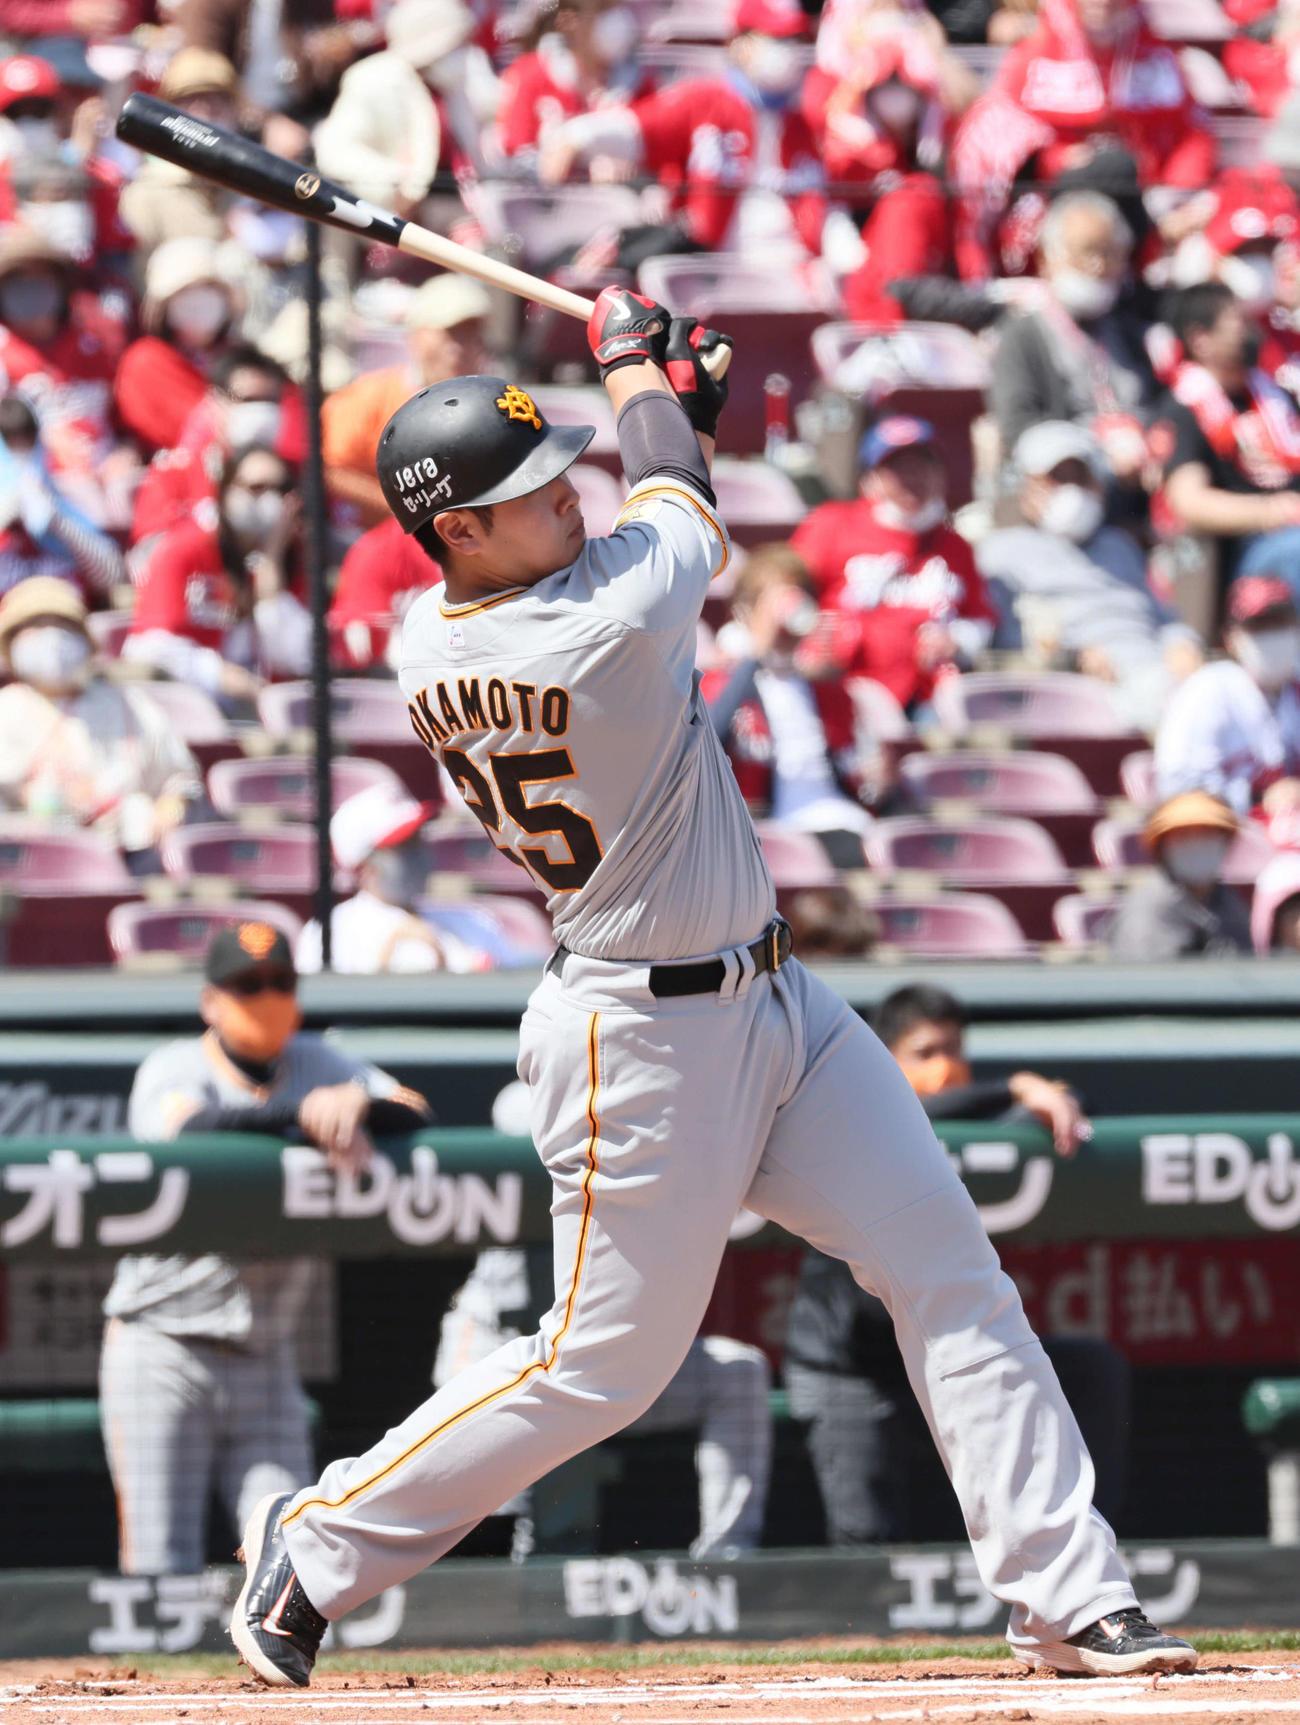 広島対巨人 1回表巨人2死一塁、岡本和真は先制中越え2点本塁打を放つ(撮影・加藤孝規)